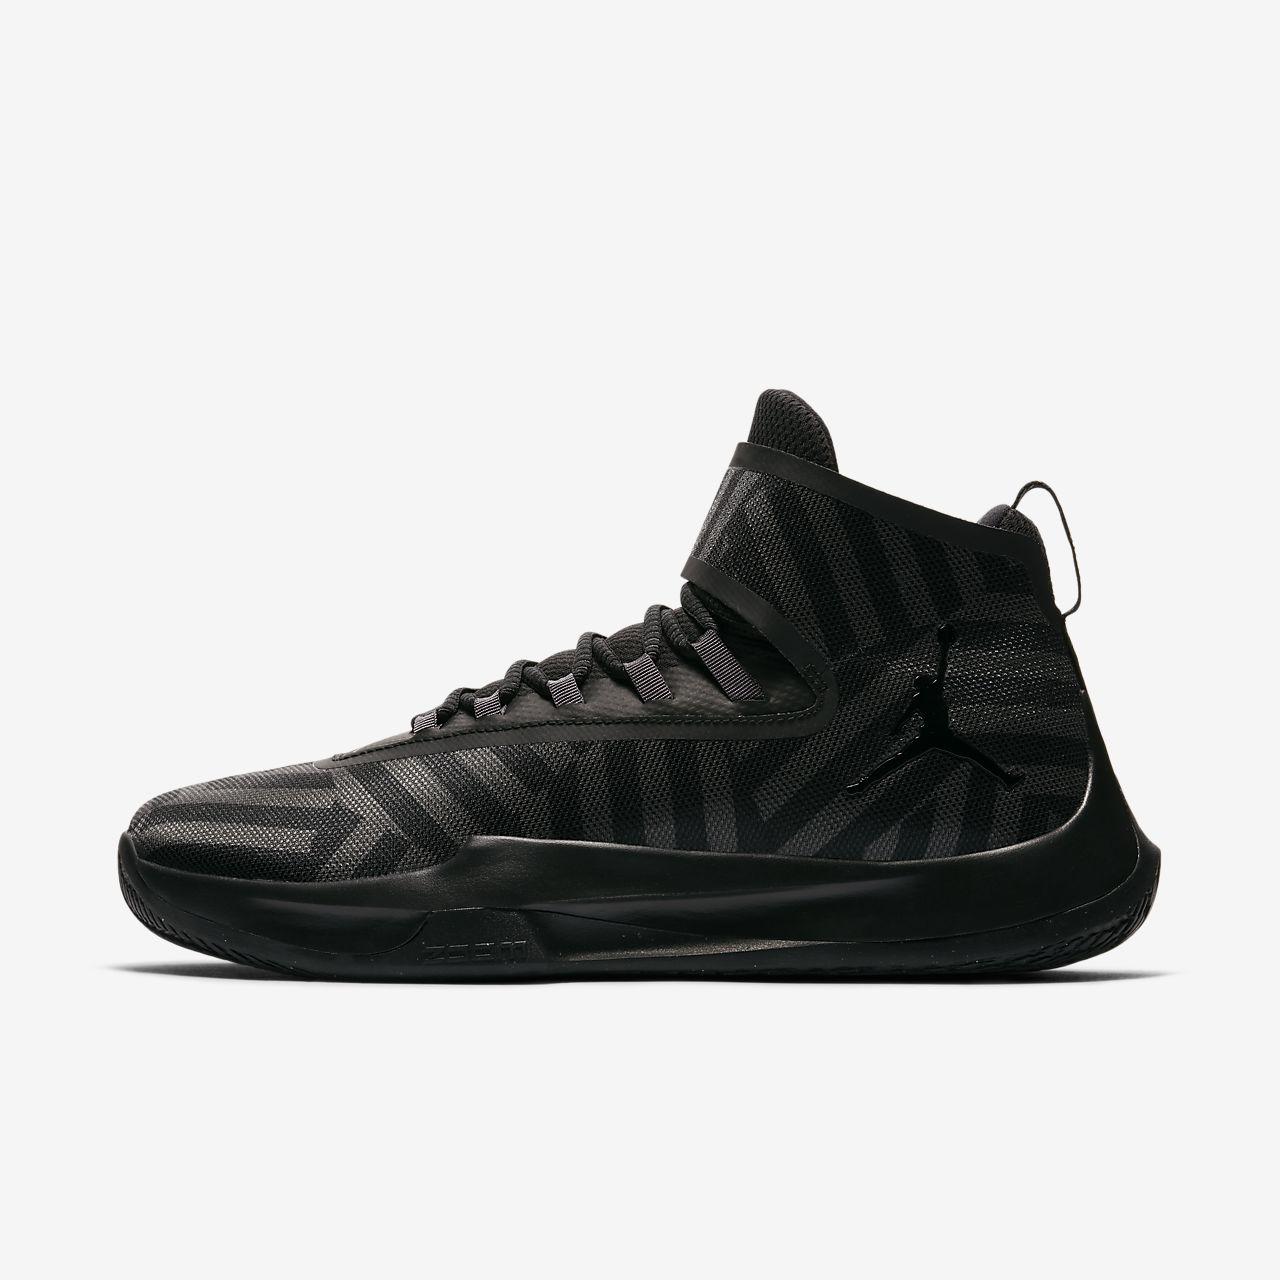 chaussures basketball jordan 5 am homme